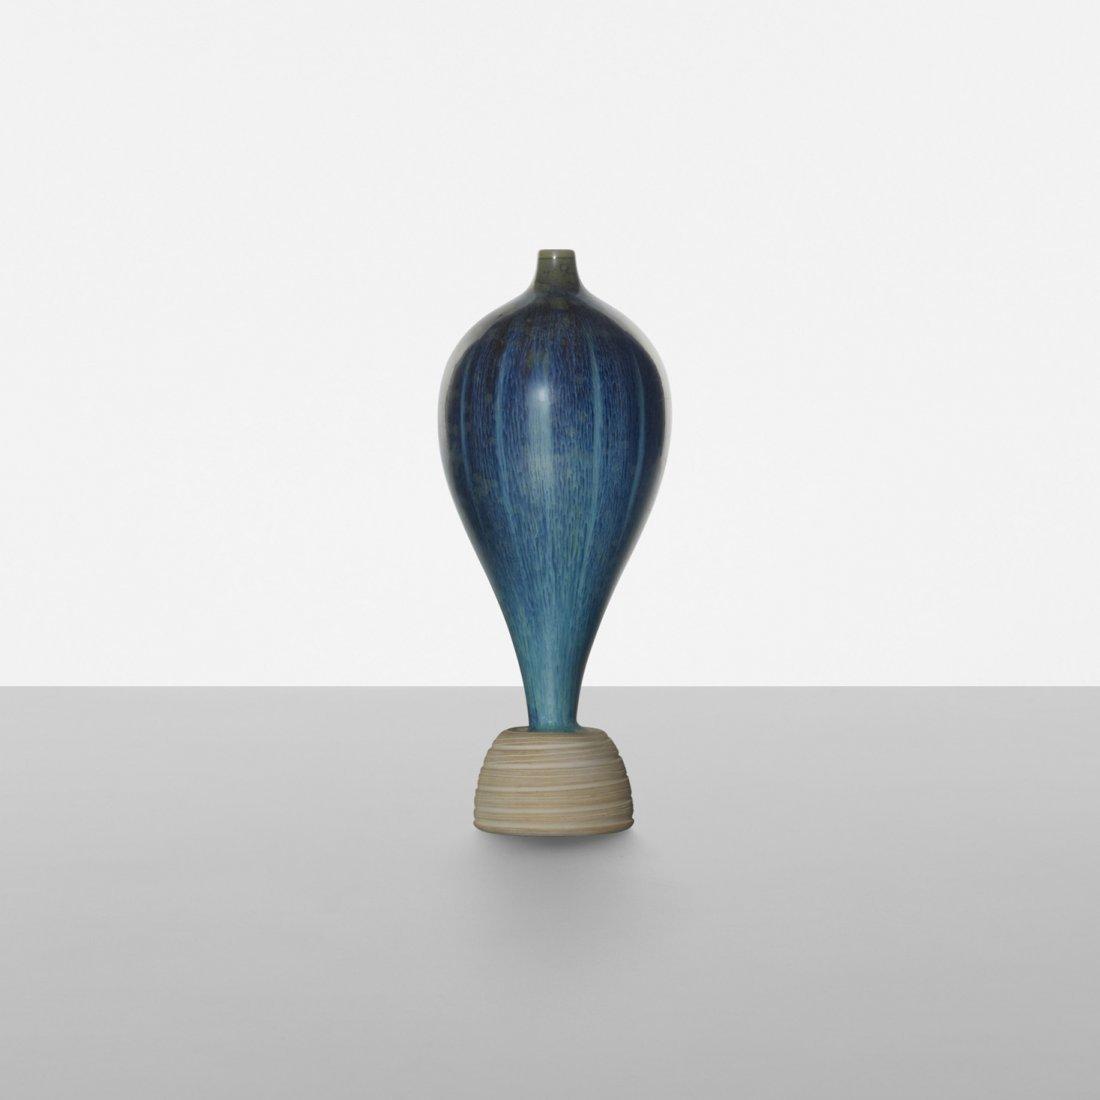 111: Wilhelm Kåge Farsta vase